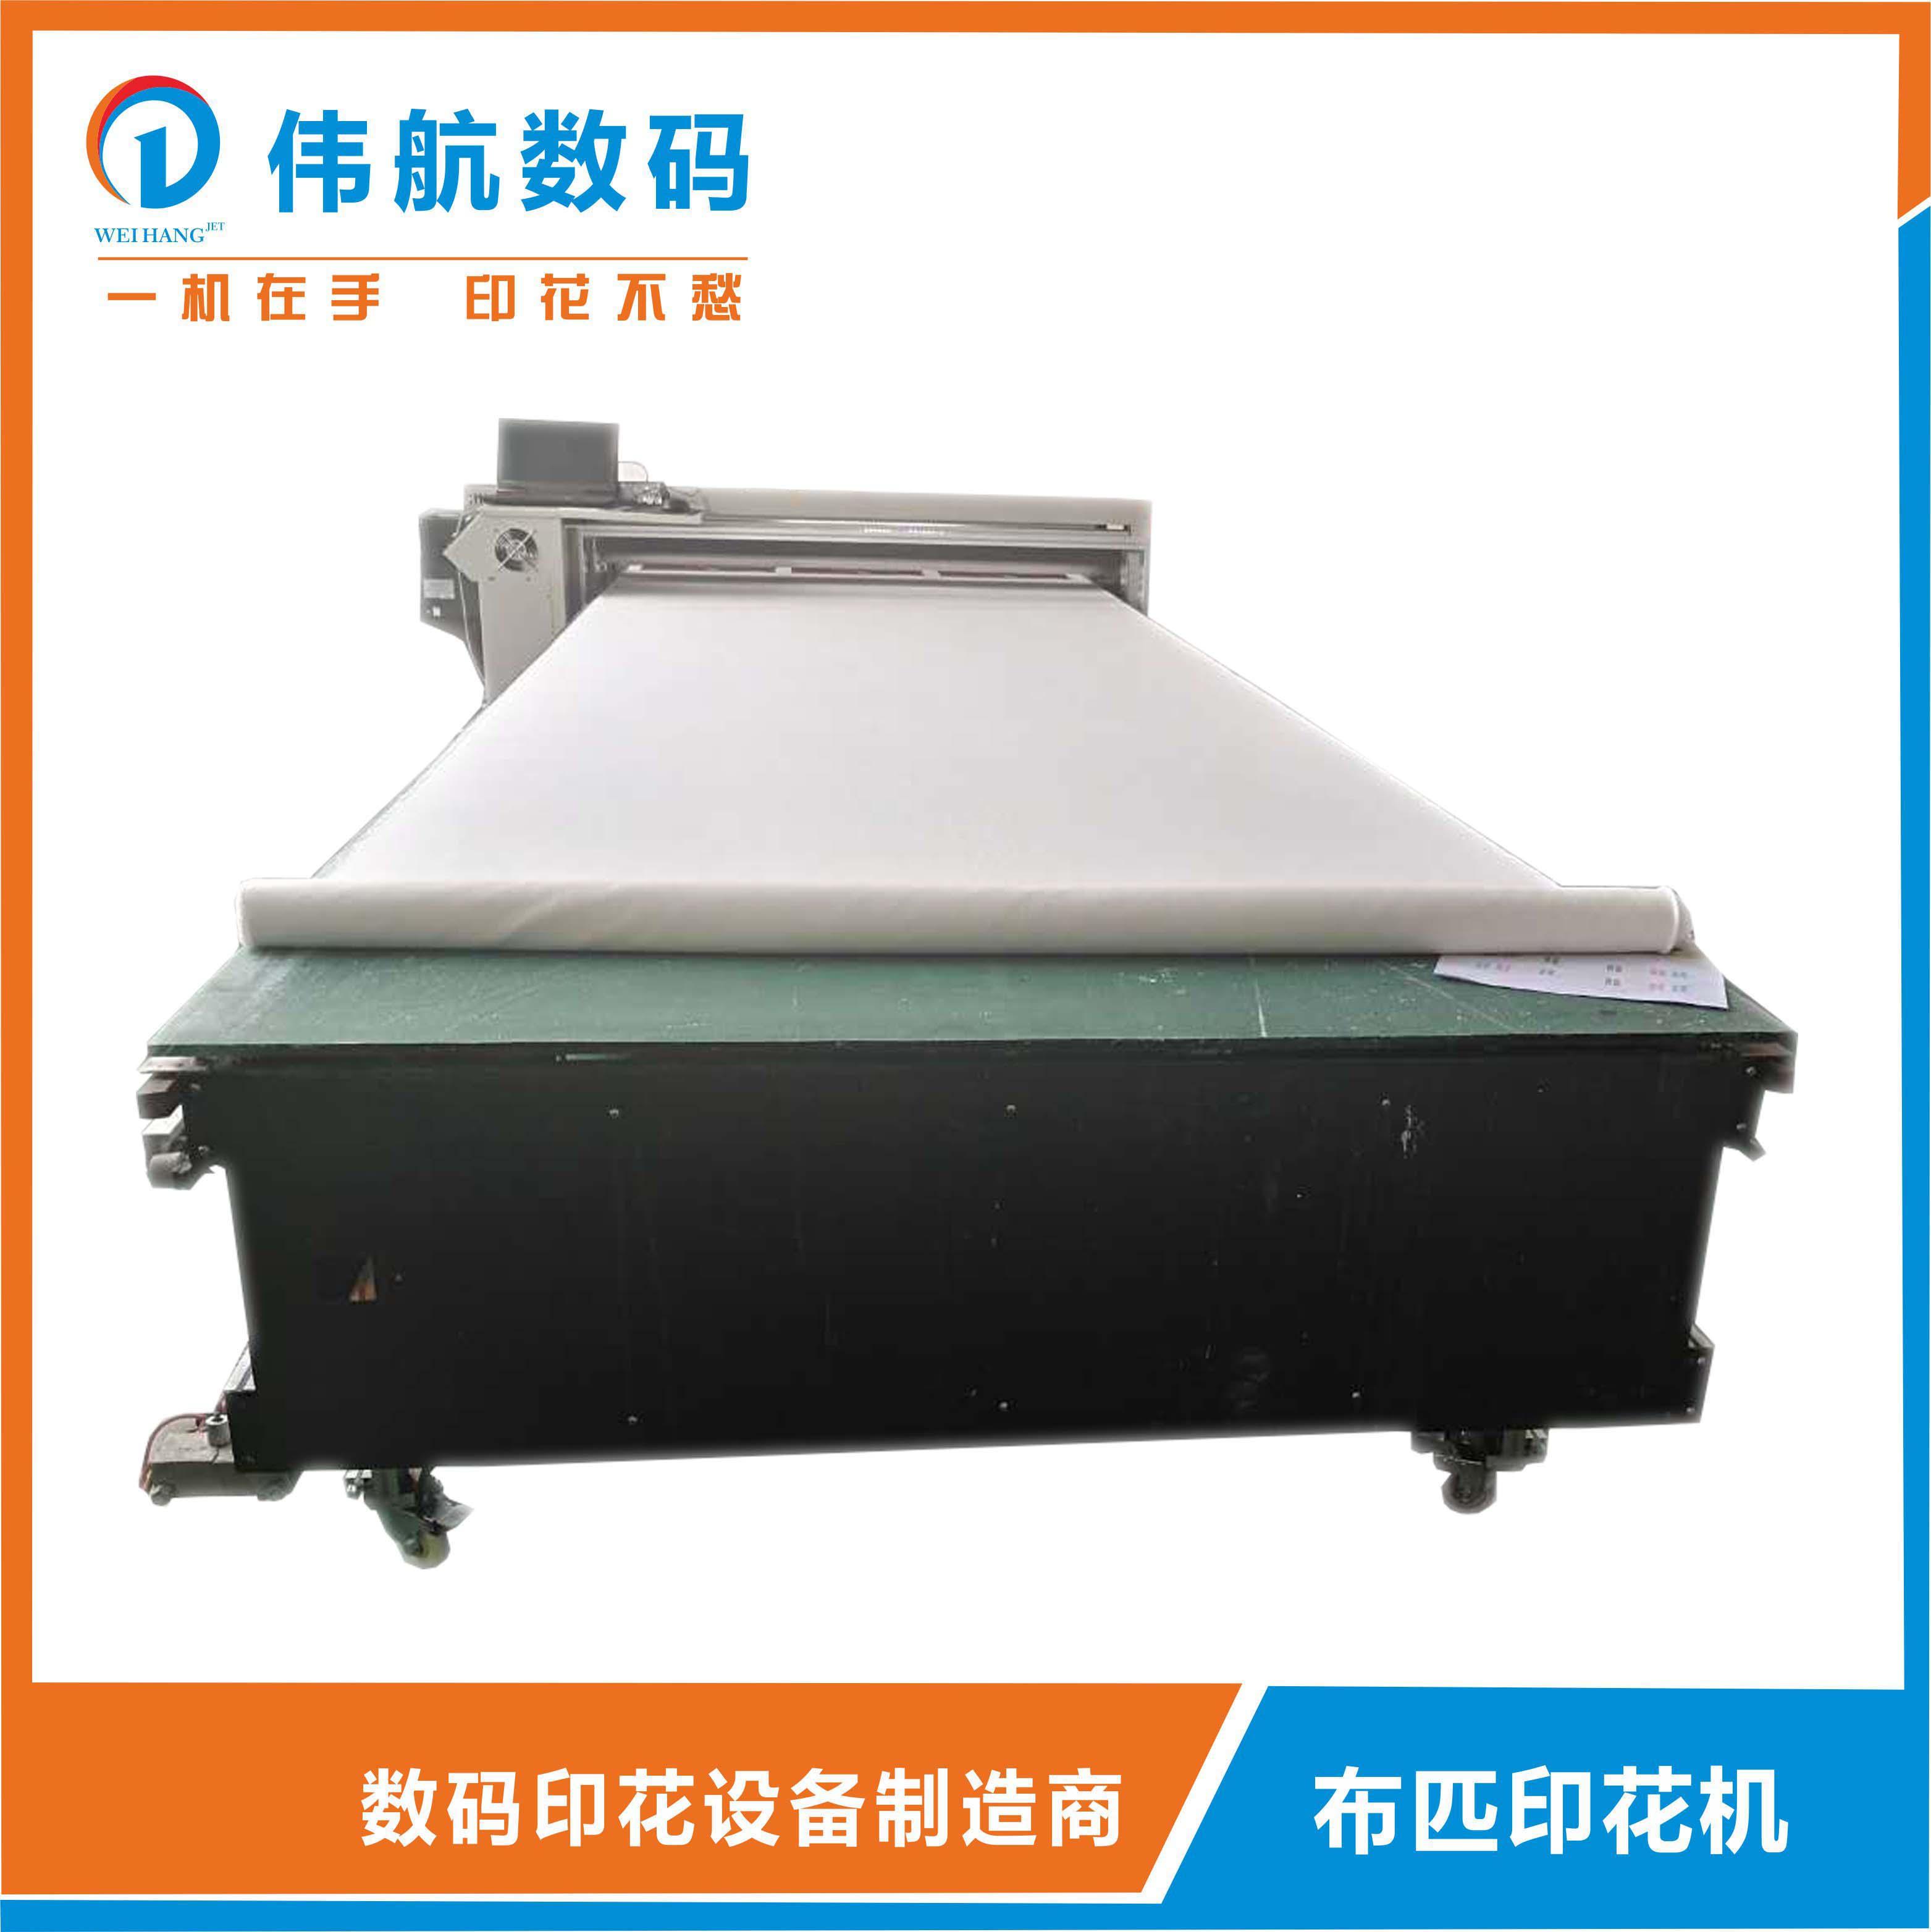 裁片专用直喷印花机WH-F1600